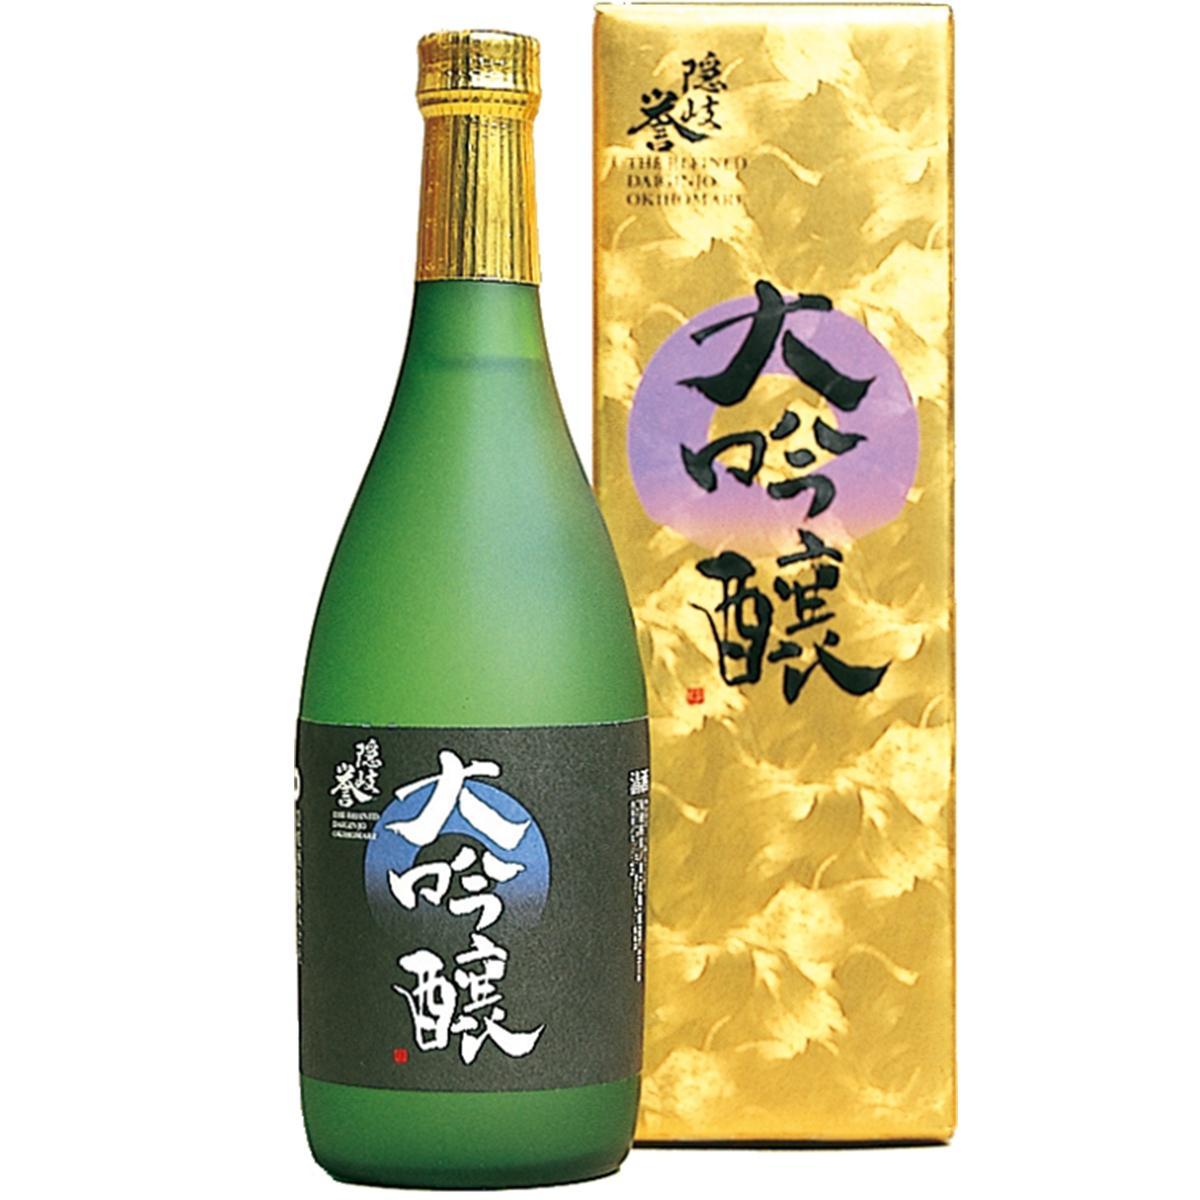 【ふるさと納税】隠岐誉 酒 大吟醸 日本酒 720ml 隠岐酒造